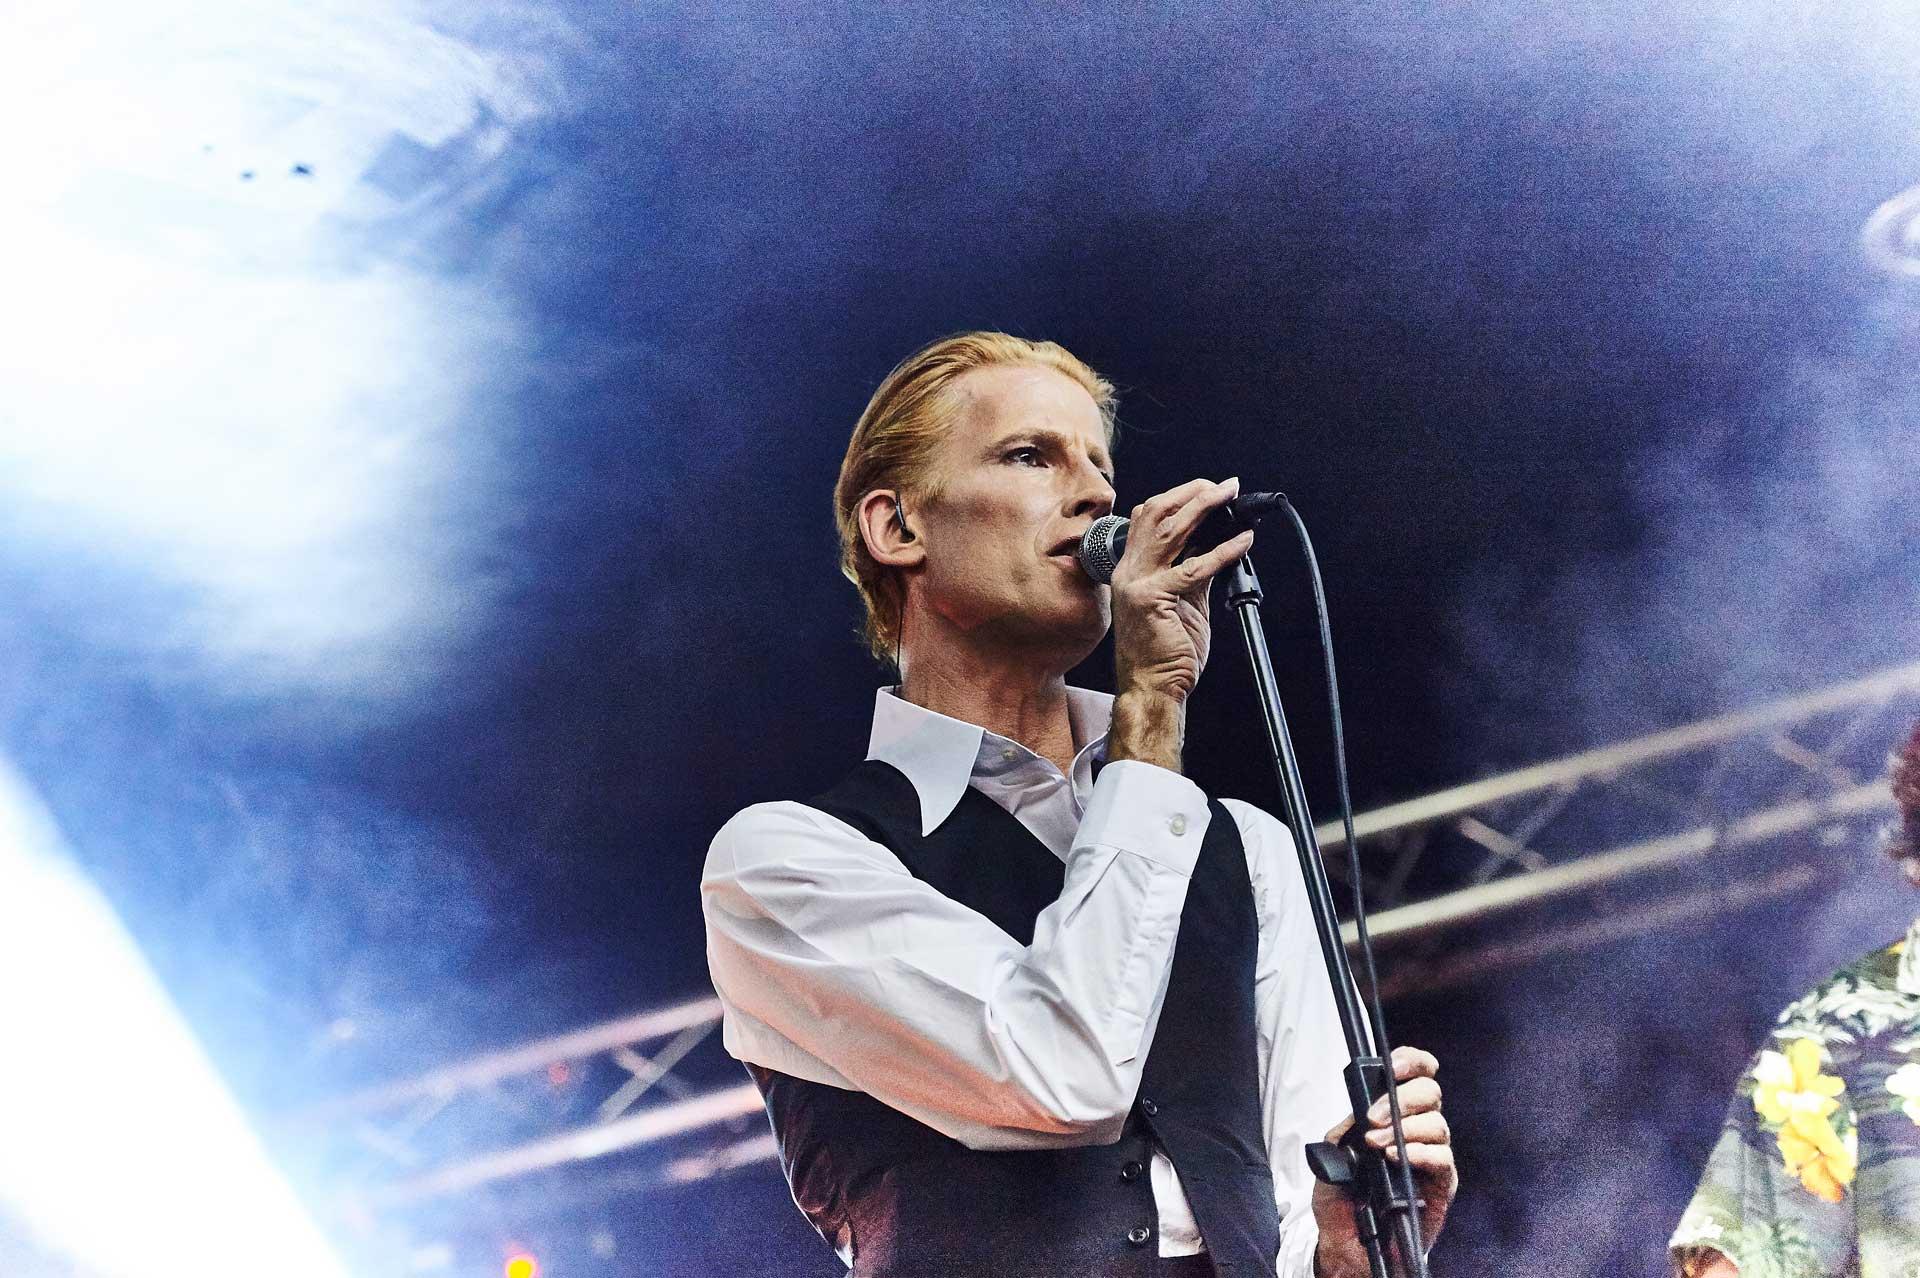 David Live Thin White Duke Live